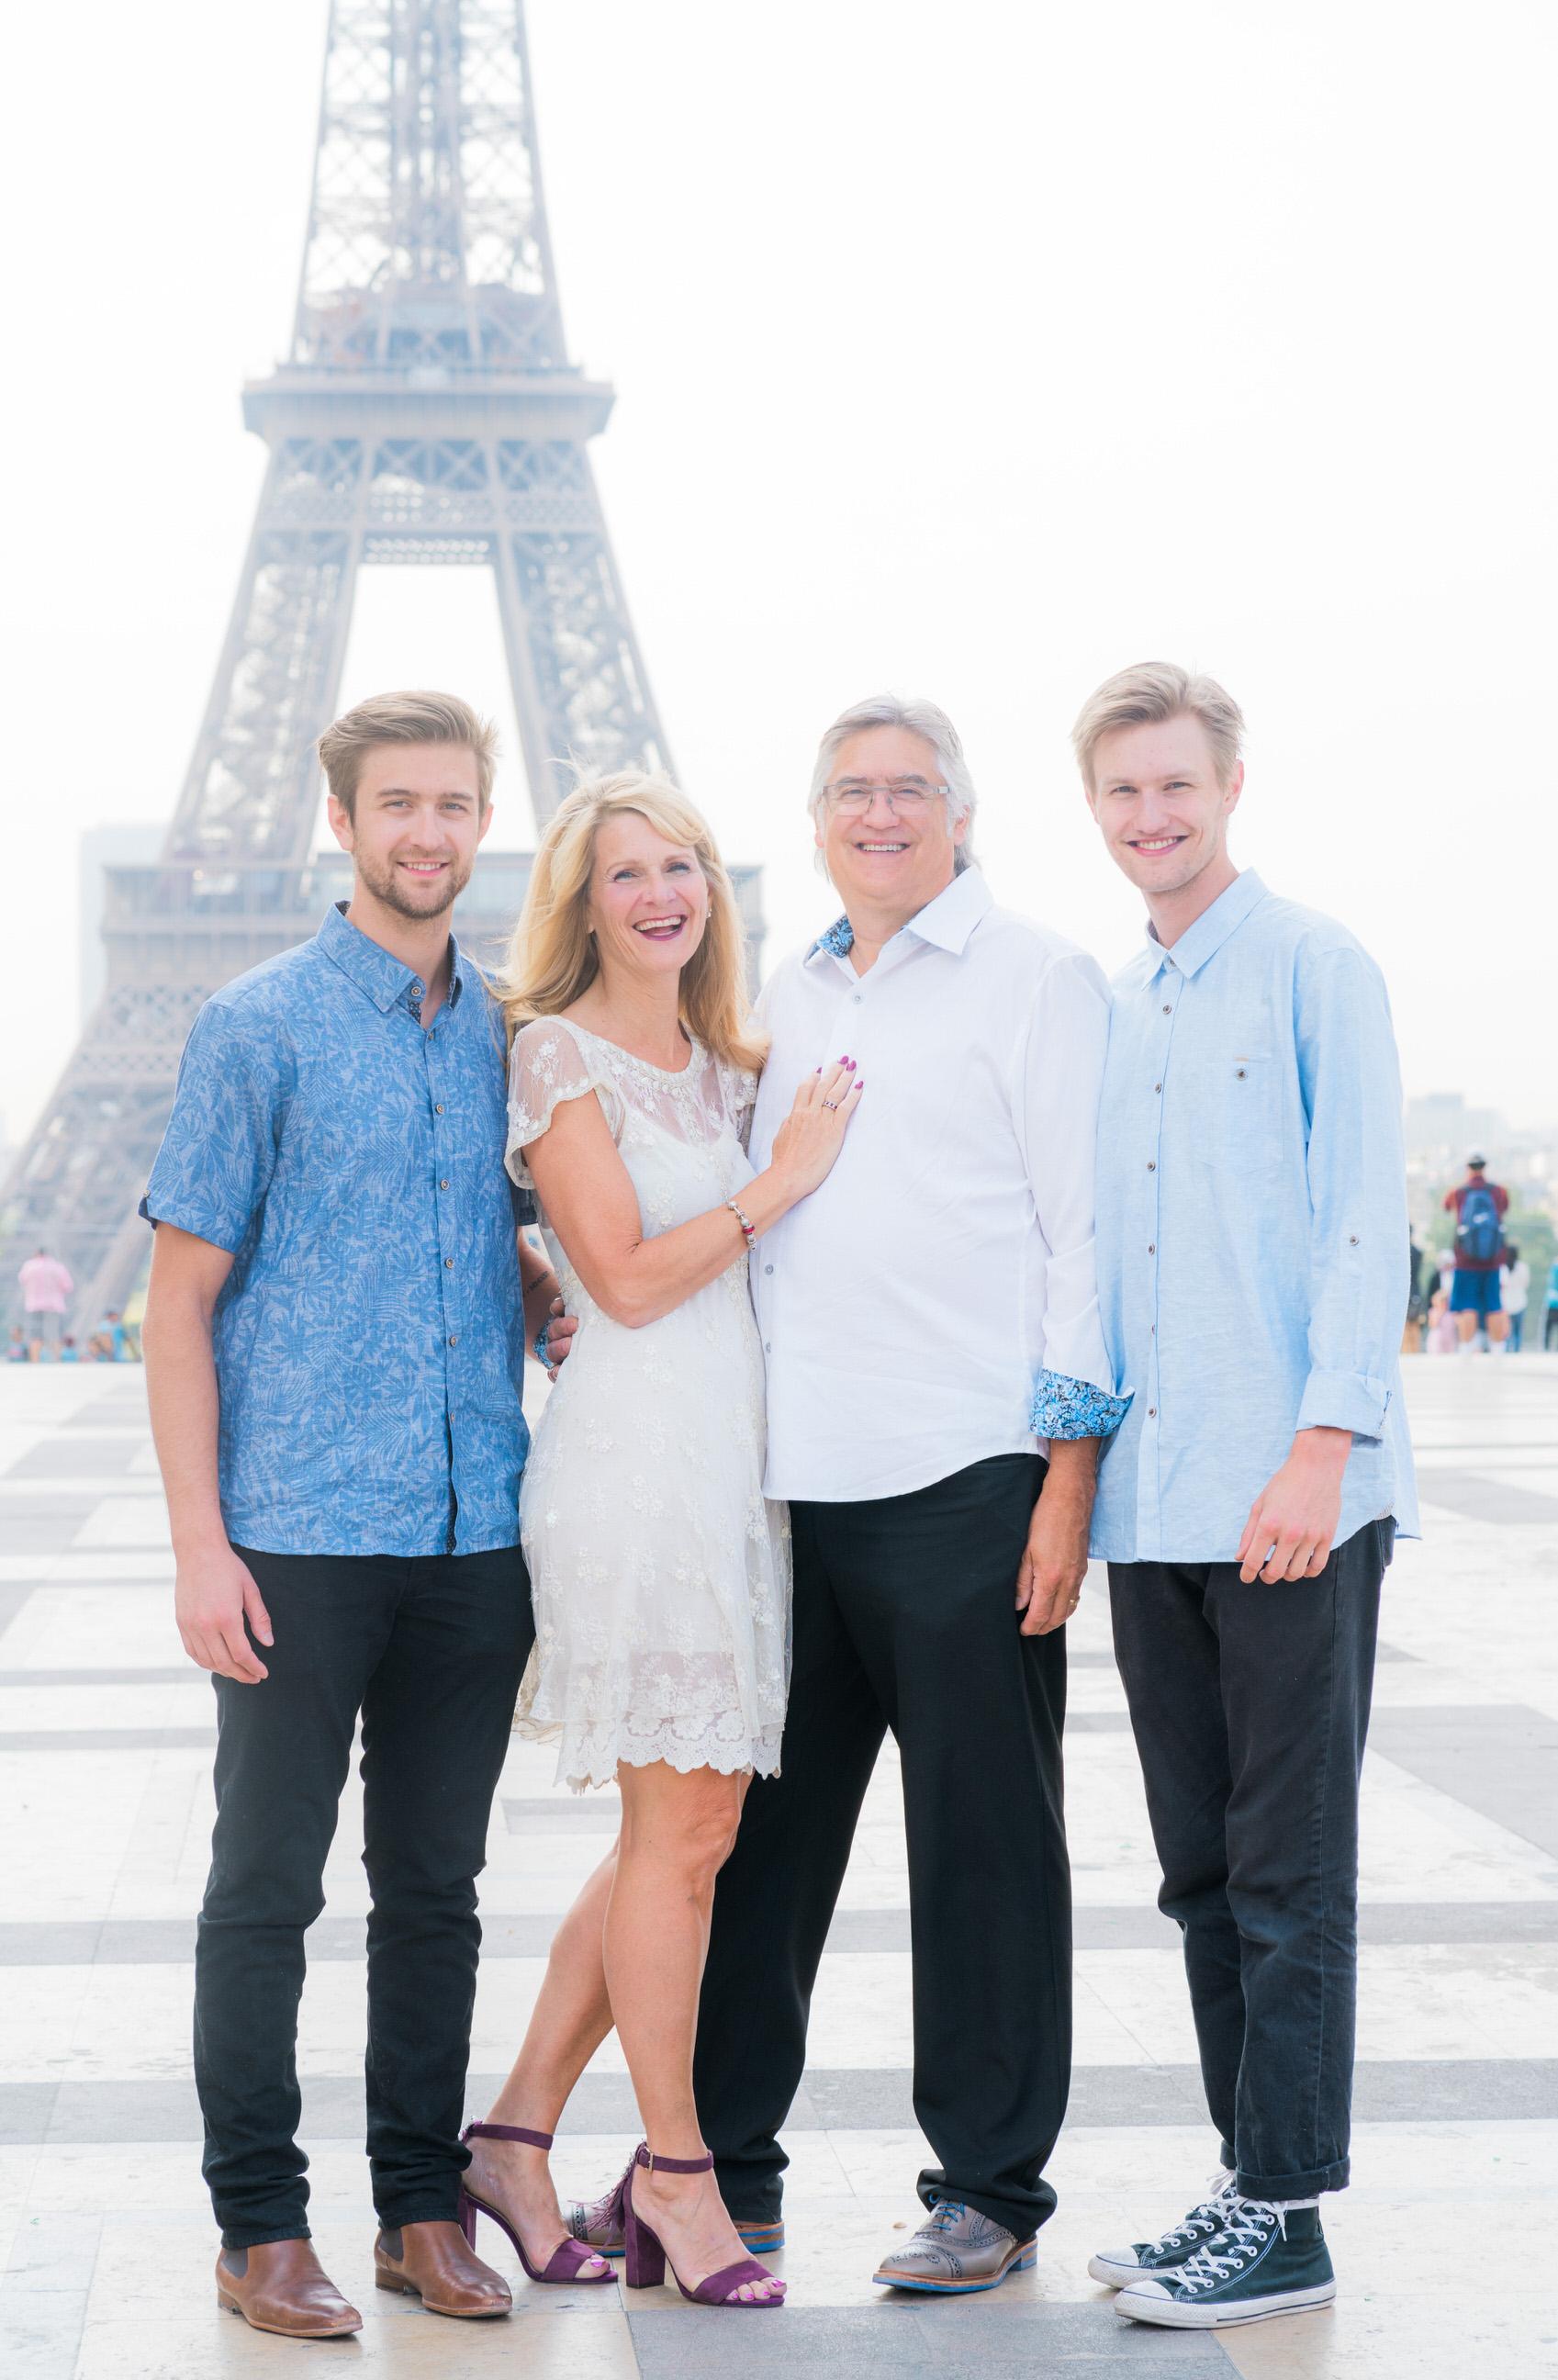 Cool family from Canada Parisian photo shoot